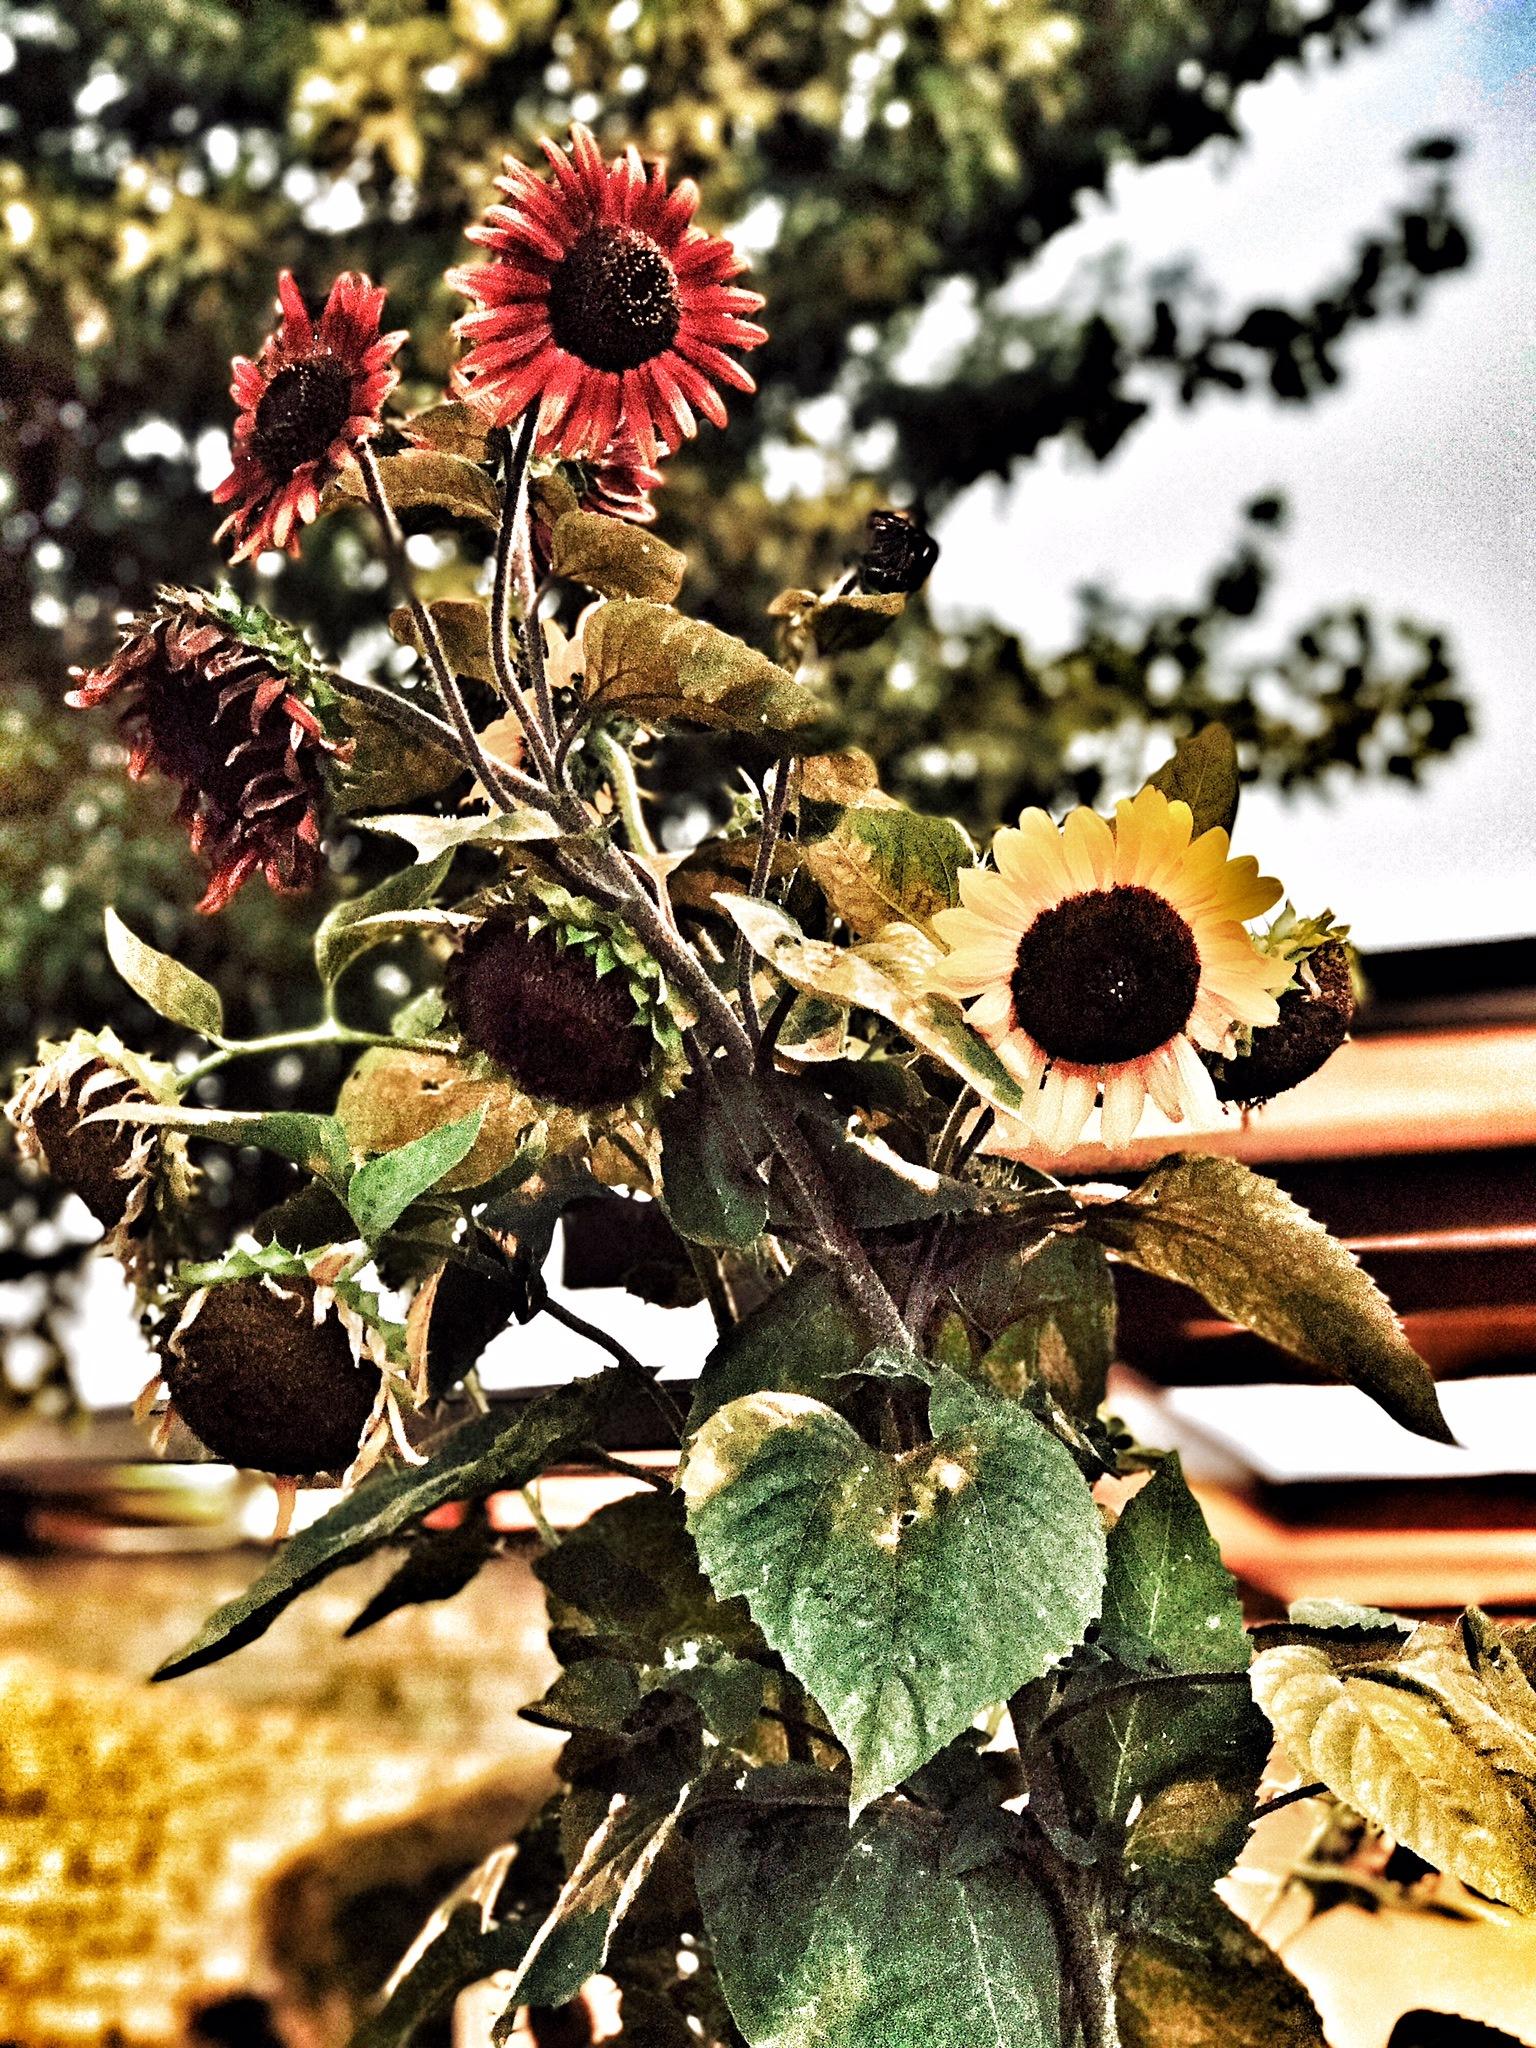 My flowers by Rebekkah Lee